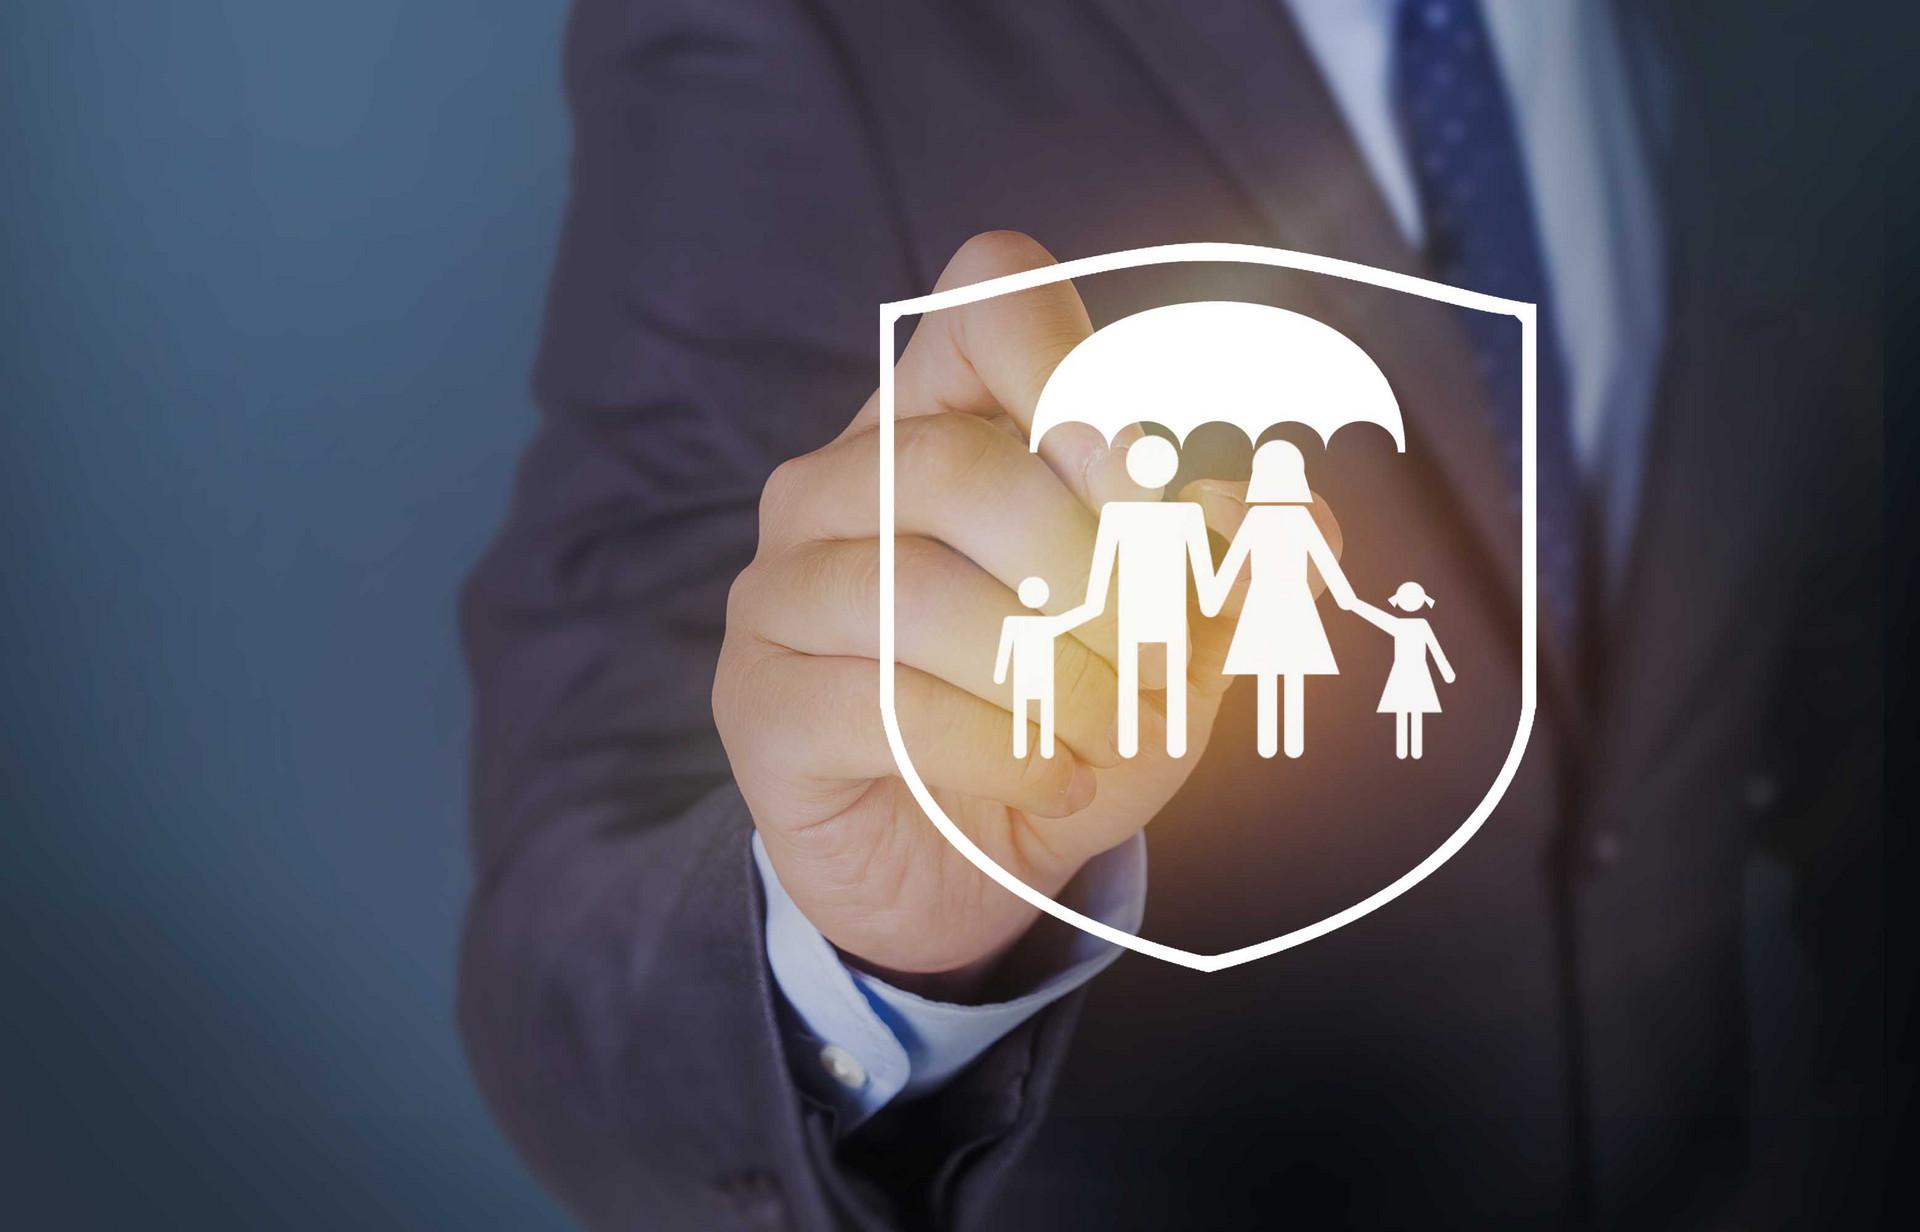 定期保险有什么特点,定期保险和两全保险的区别